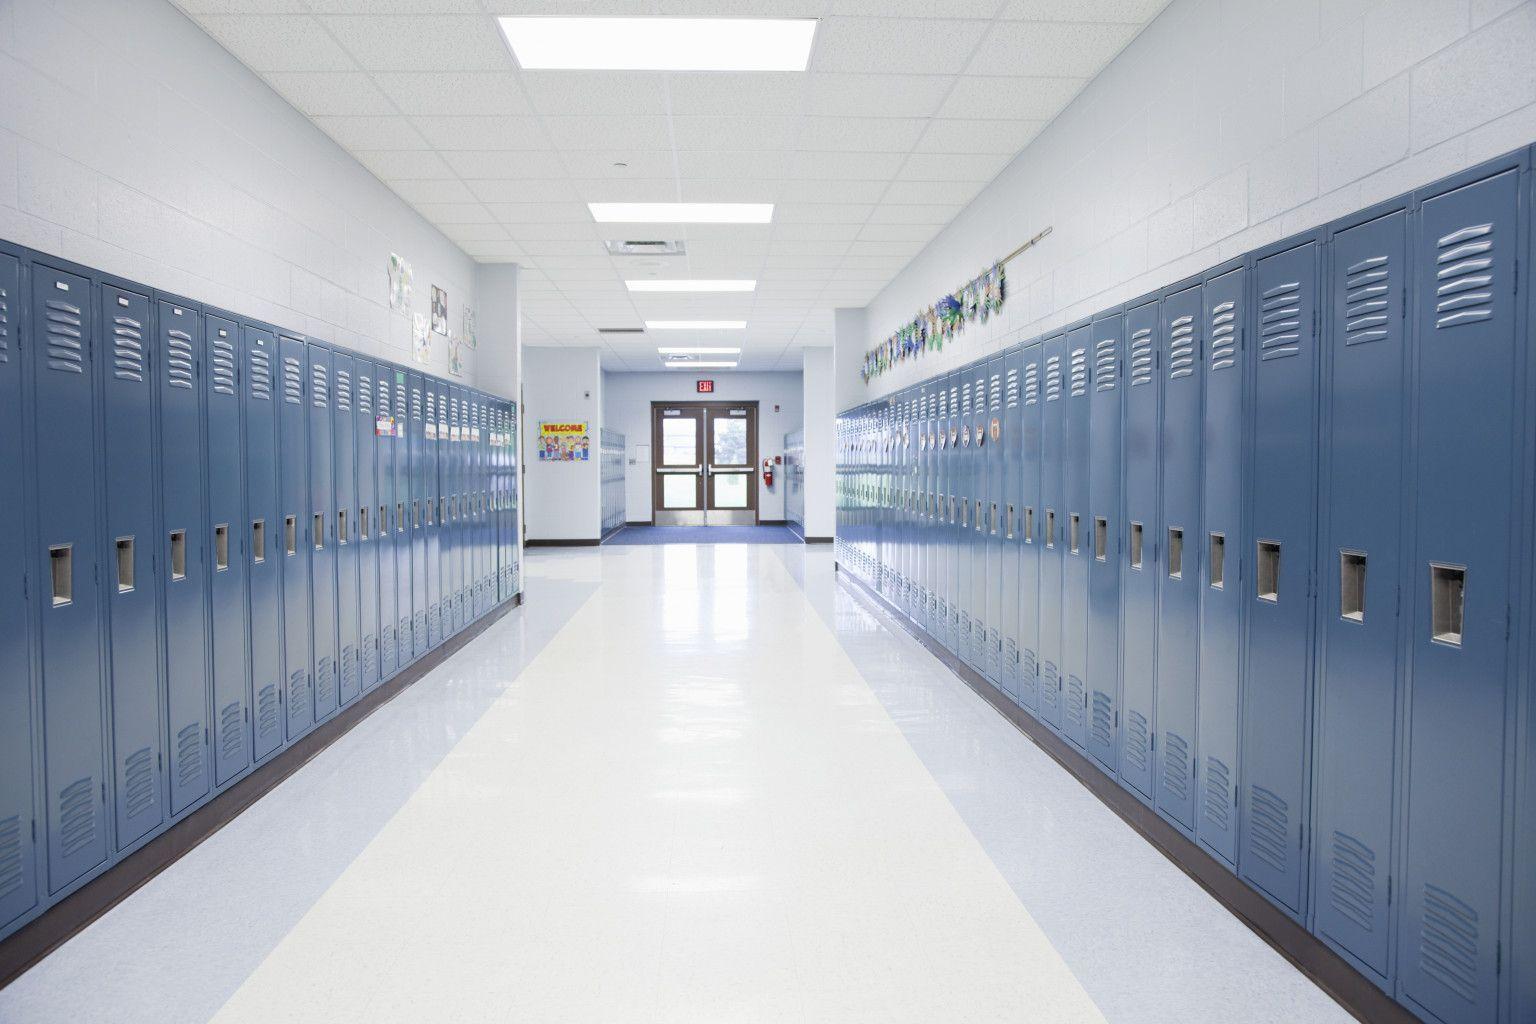 Anime Backgrounds School Lockers Contoh Soal Pelajaran Puisi Dan Pidato Populer